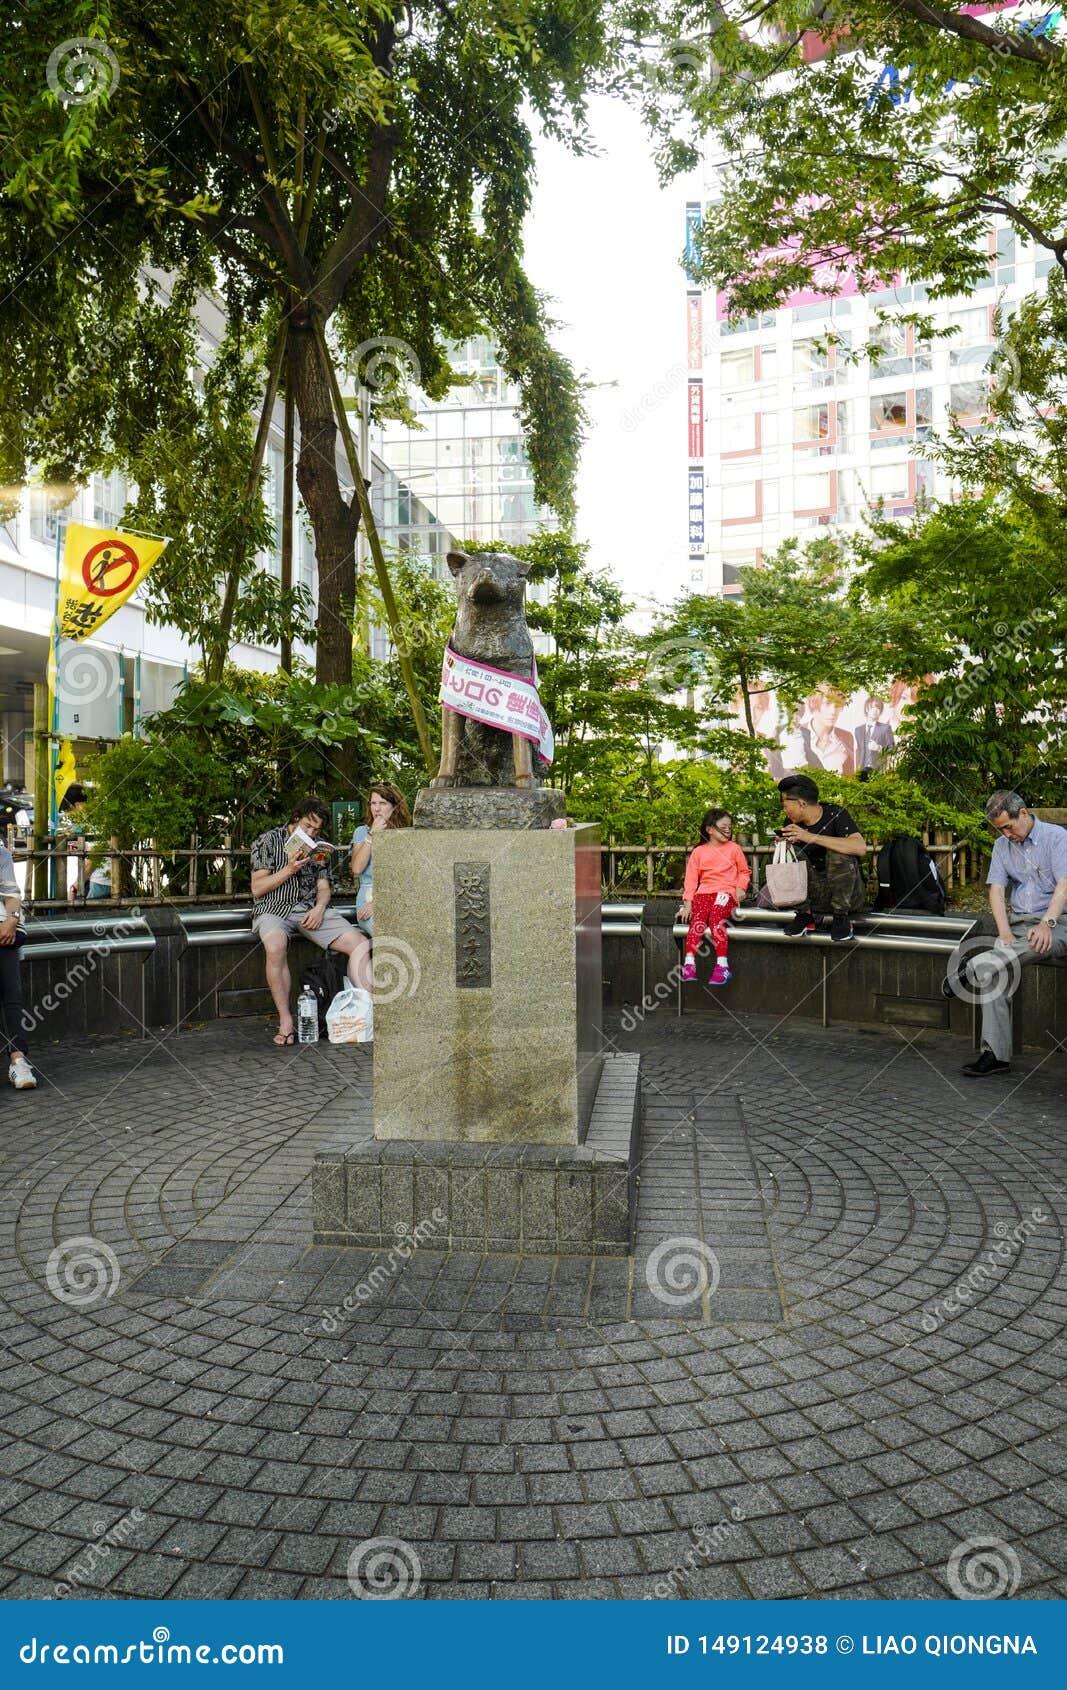 La estatua de Hachiko en Shibuya Era un perro japonés de Akita recordaba para su lealtad notable a su dueño,  Ueno de HidesaburÅ